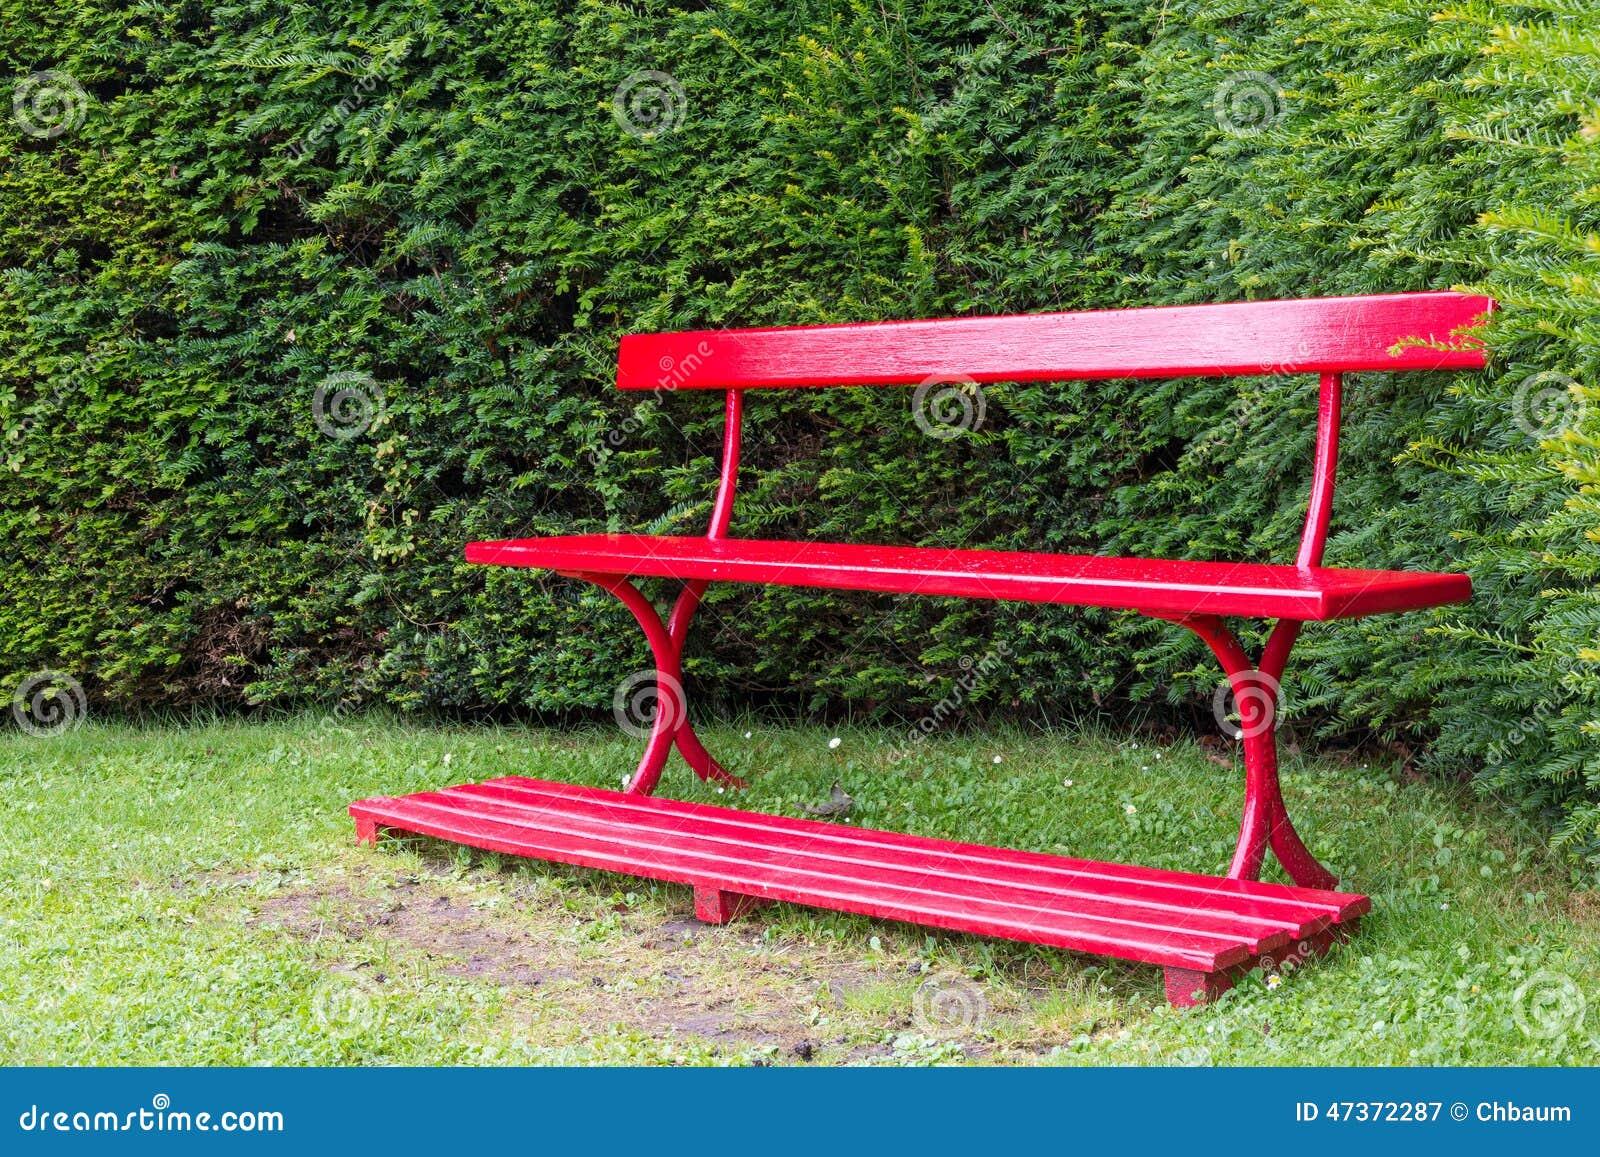 Banc rouge de jardin photo stock image 47372287 - Banc de jardin rouge ...